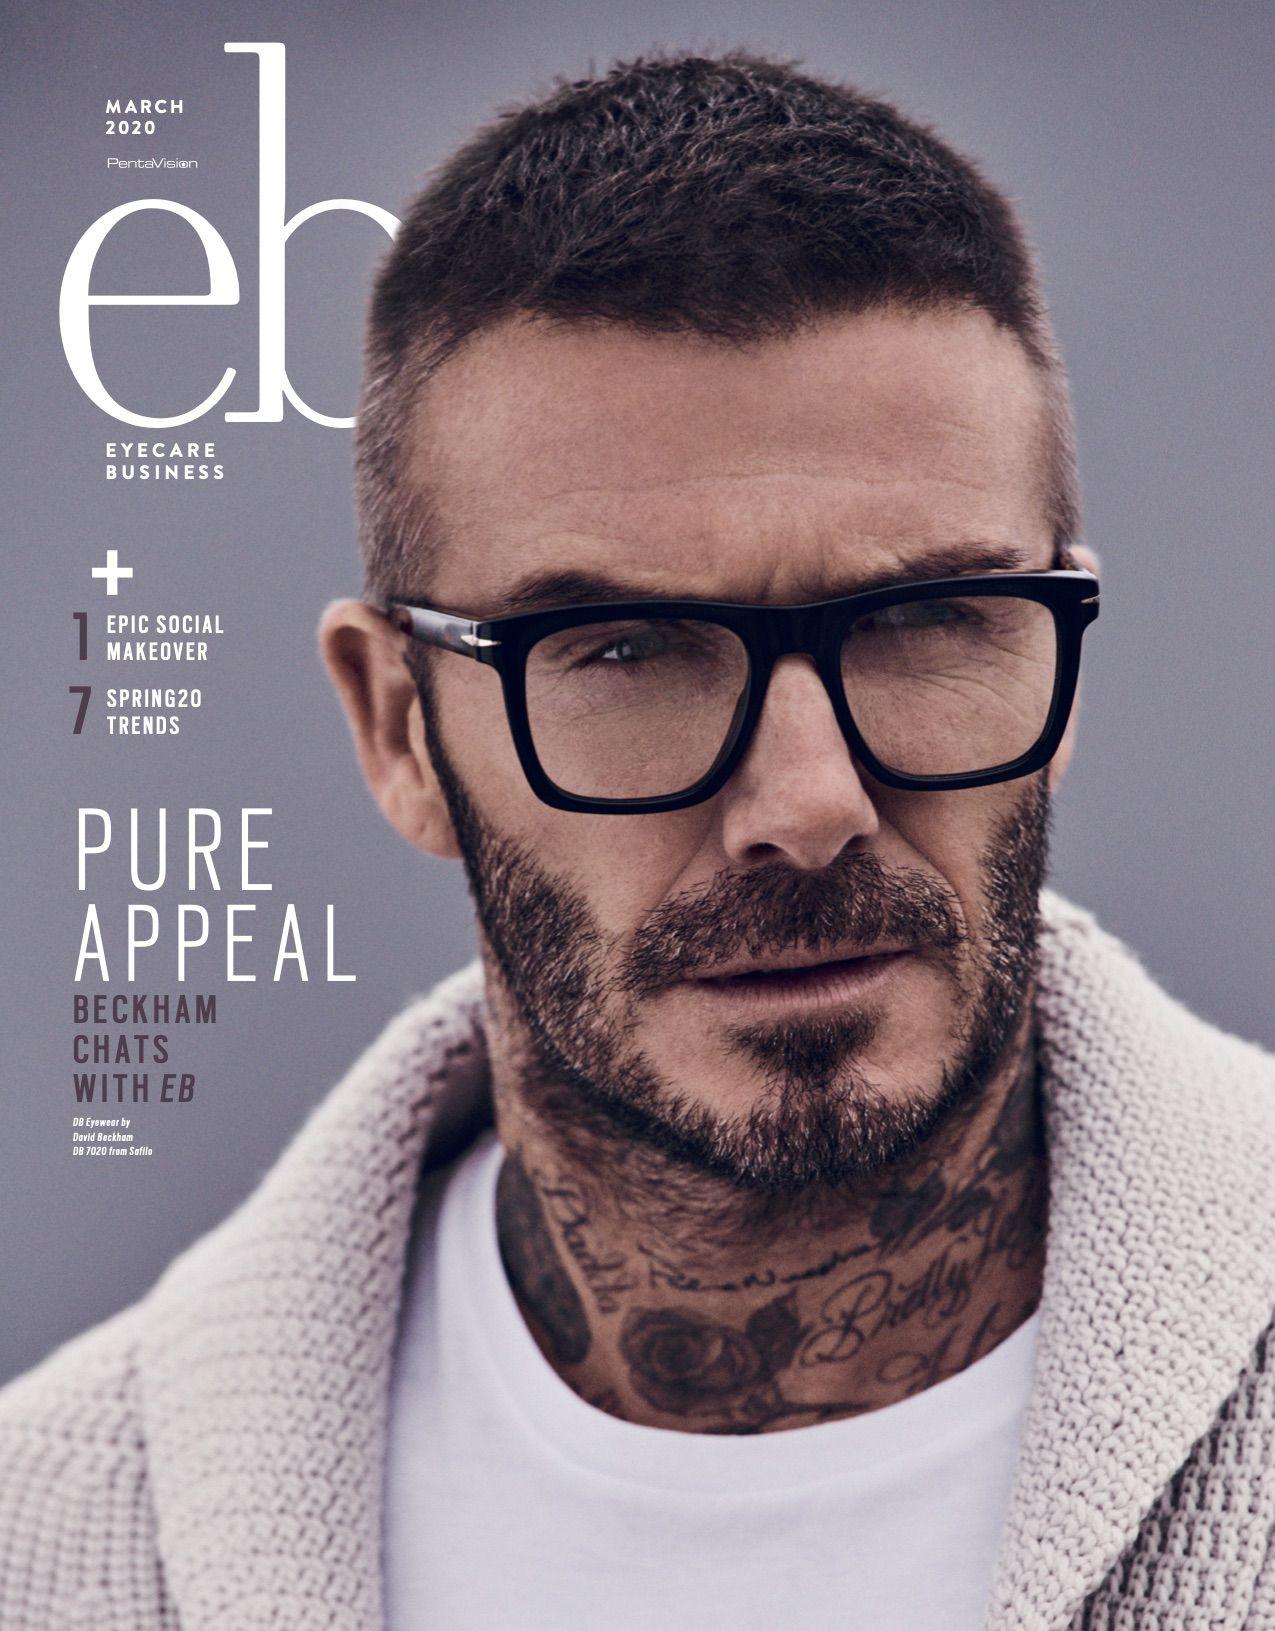 David Beckham Eyewear From Safilo In 2020 David Beckham Haircut Beckham Hair David Beckham Hairstyle